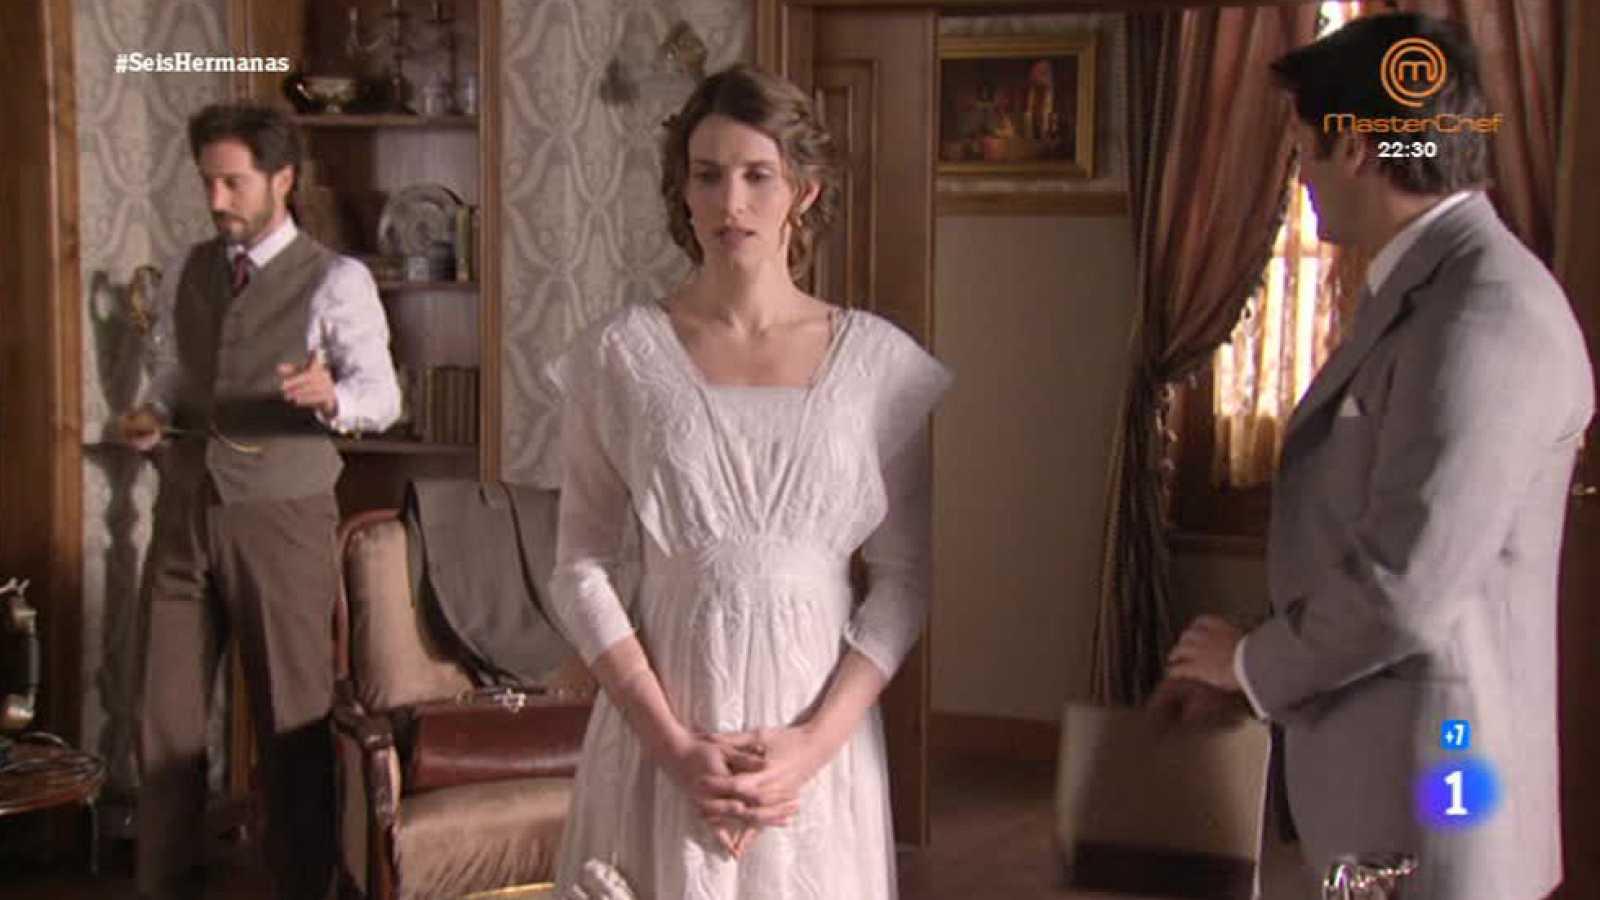 'Seis Hermanas' - Cristobal ayuda a Blanca ante doña Dolores